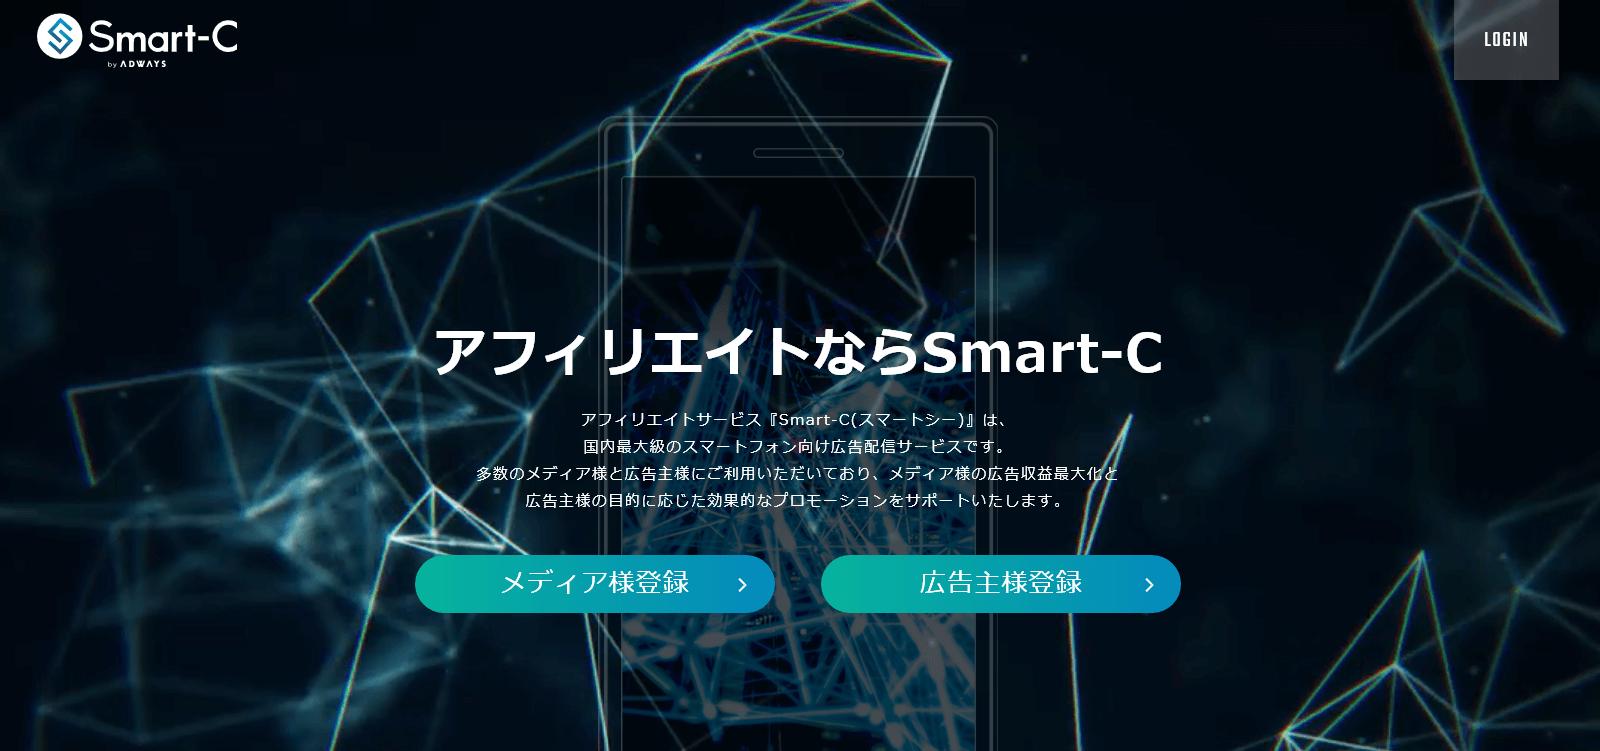 Smart-C top